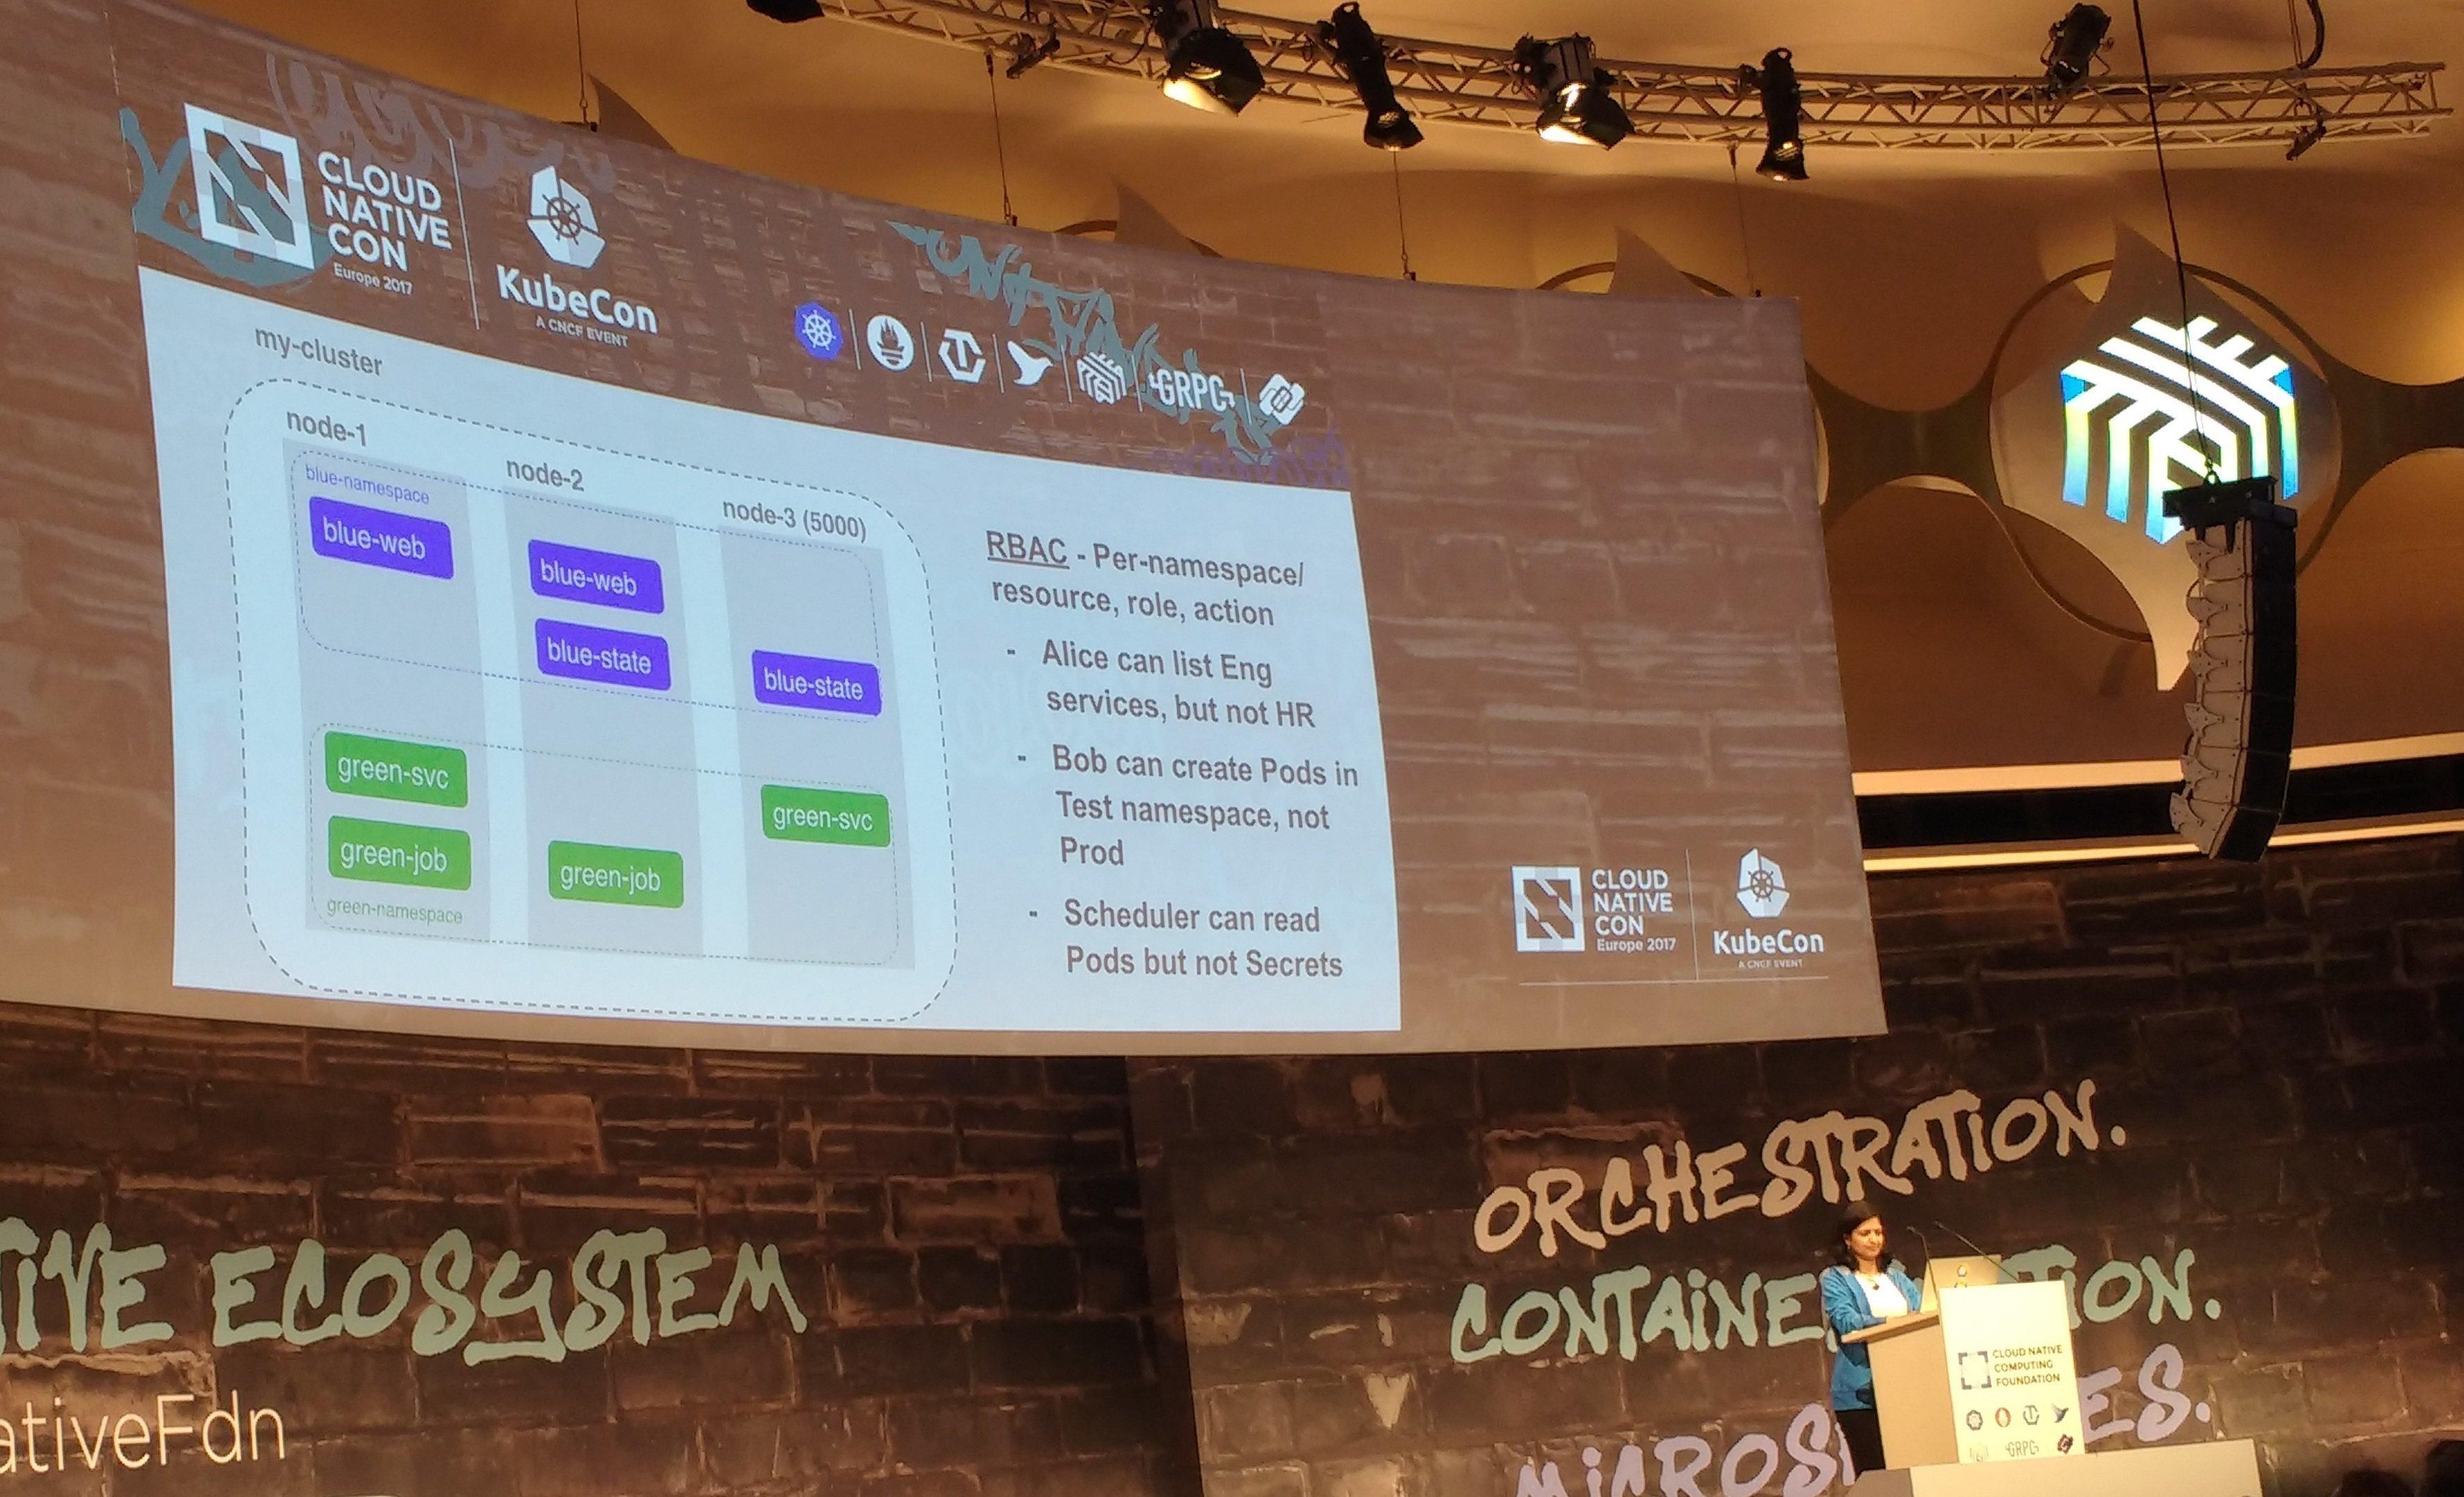 Aparna Sinha von Google während der RBAC-Demonstration auf der CloudNativeCon/KubeCon 2017.